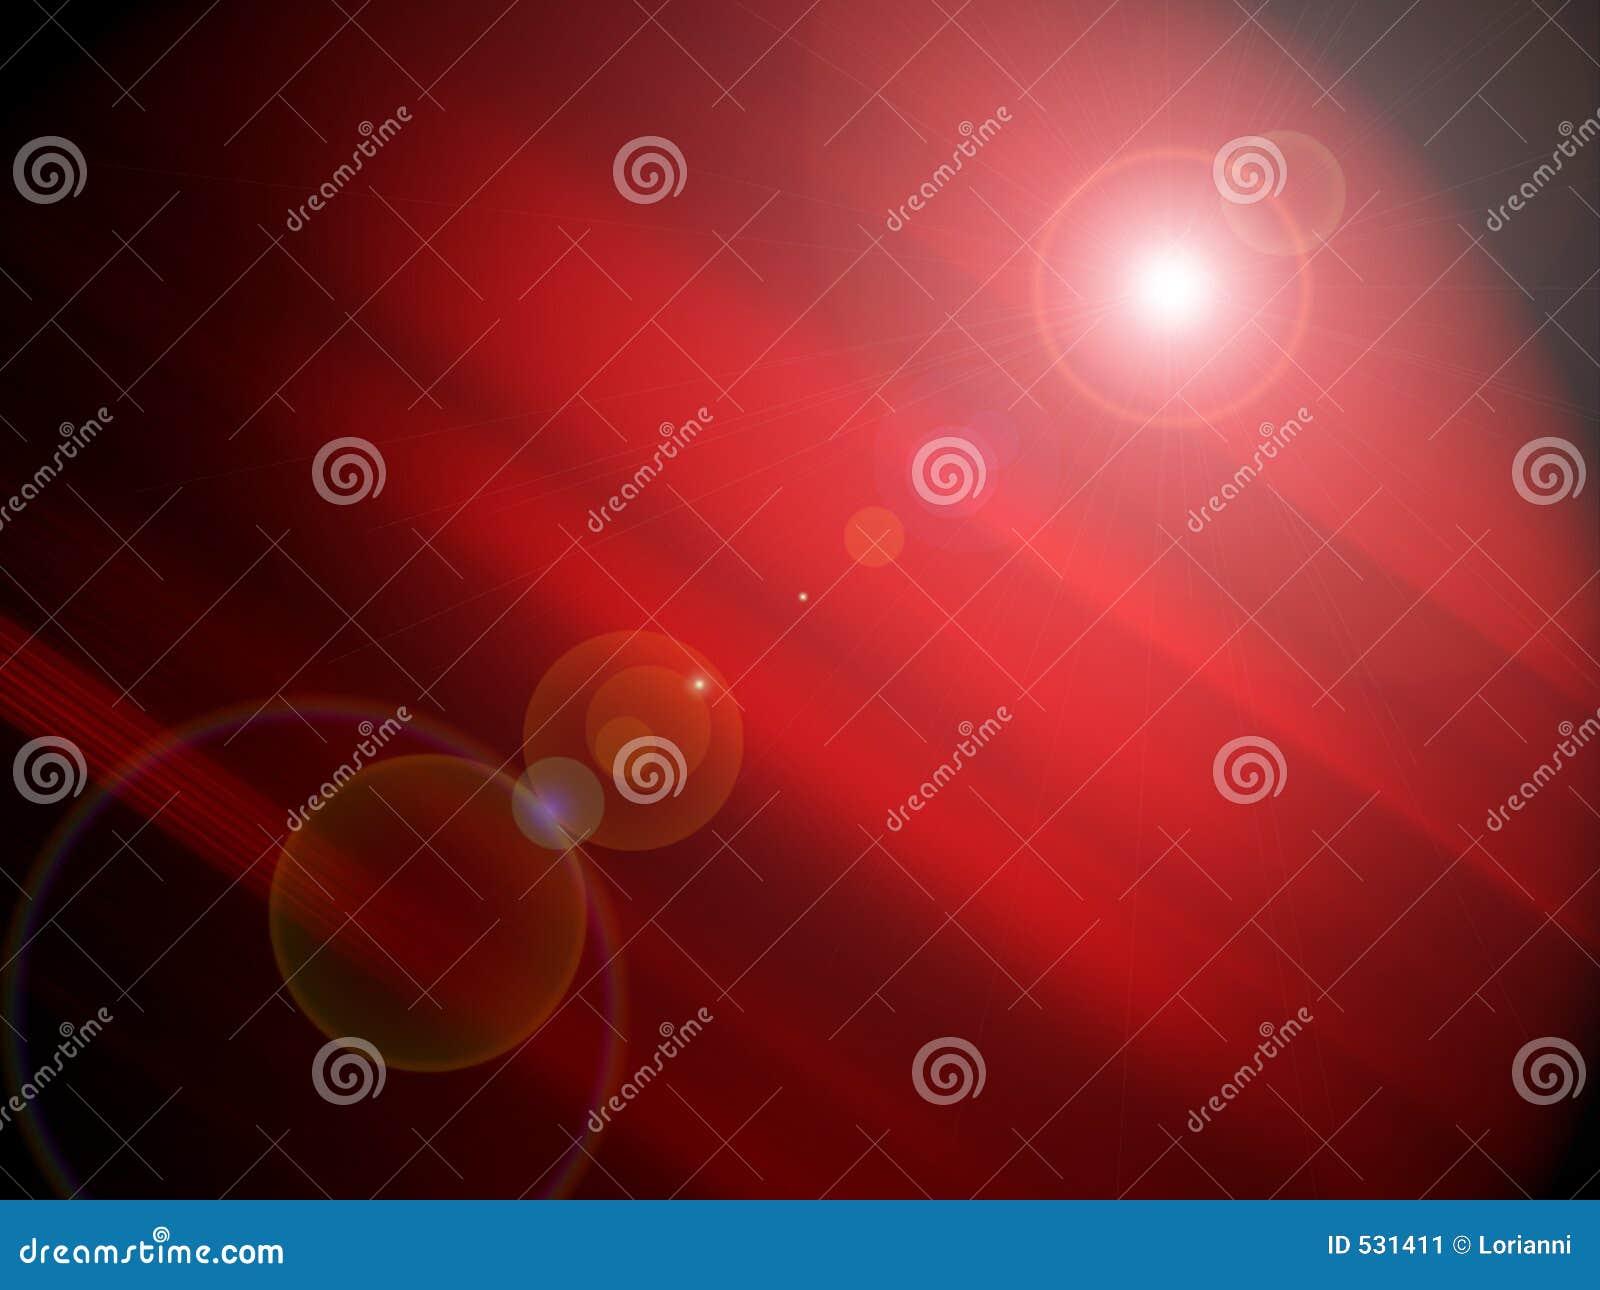 Download 背景火光红色 库存图片. 图片 包括有 背包, 红色, 更加恼怒的, 行动, 蓝蓝, 下降, 光芒, 纹理, 毕业 - 531411